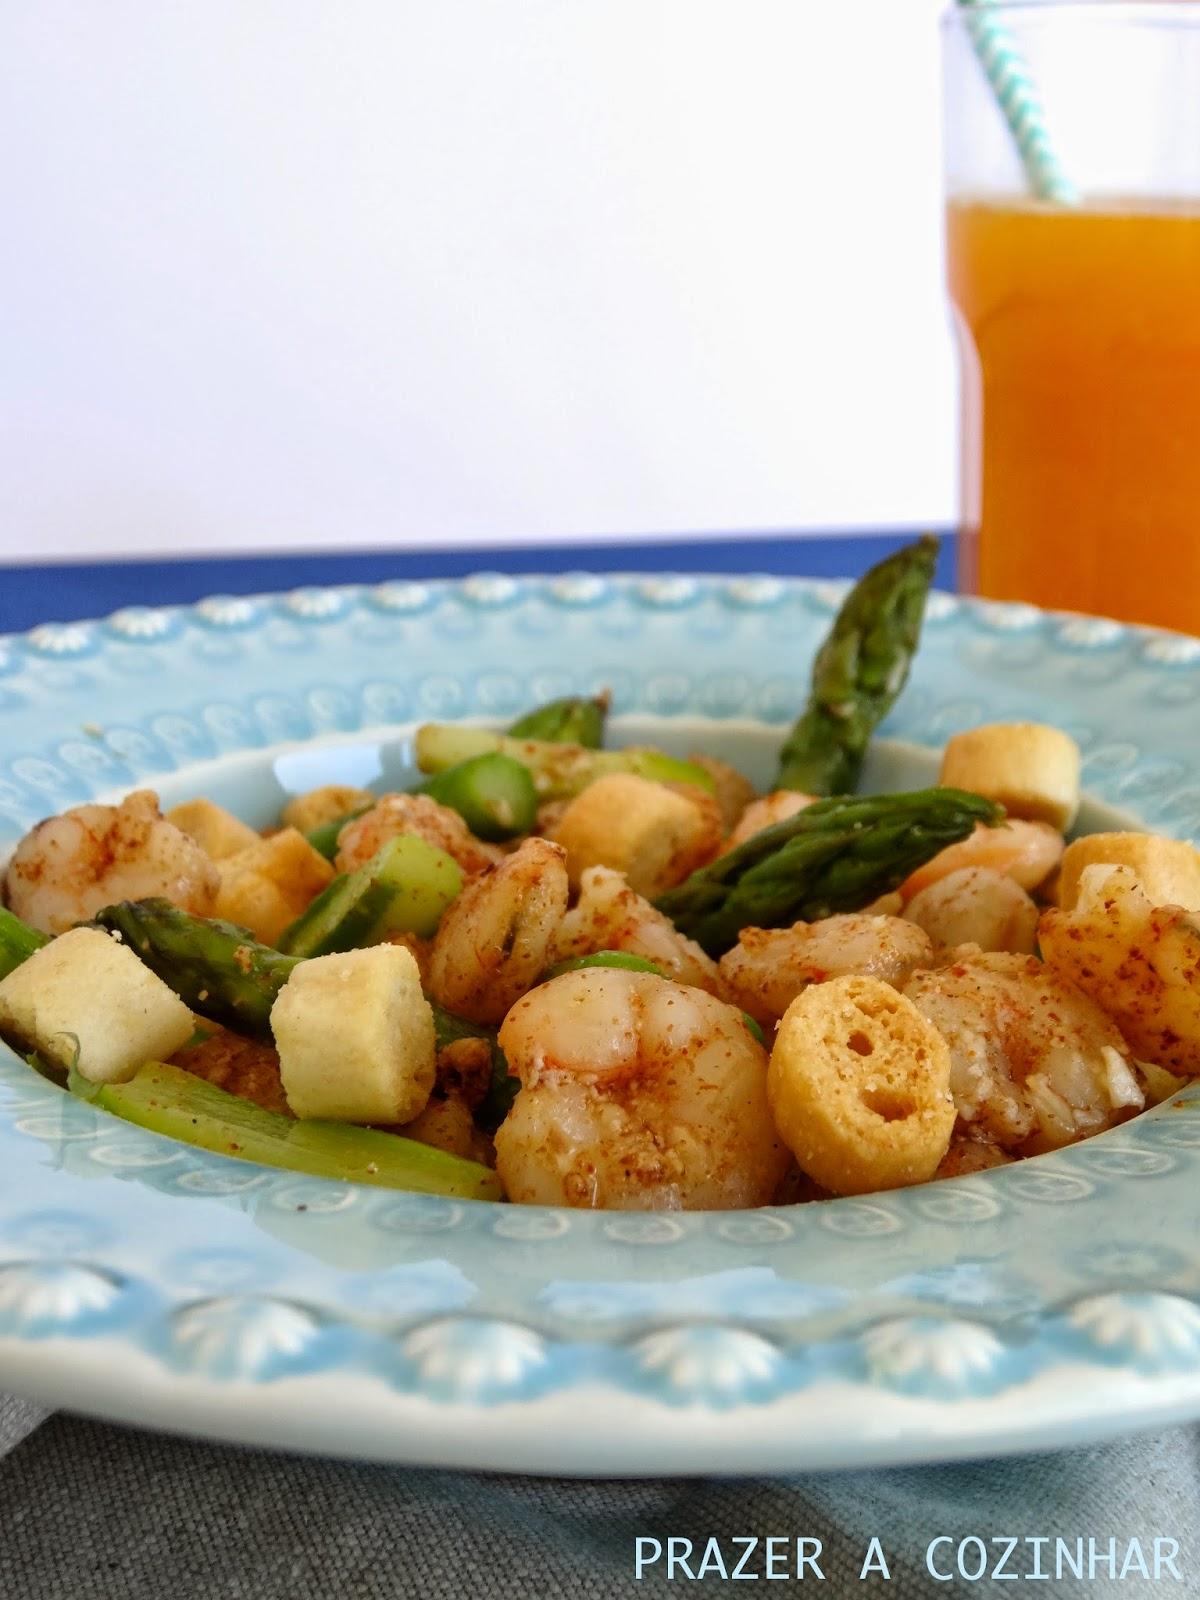 prazer a cozinhar - Salada de camarão e espargos